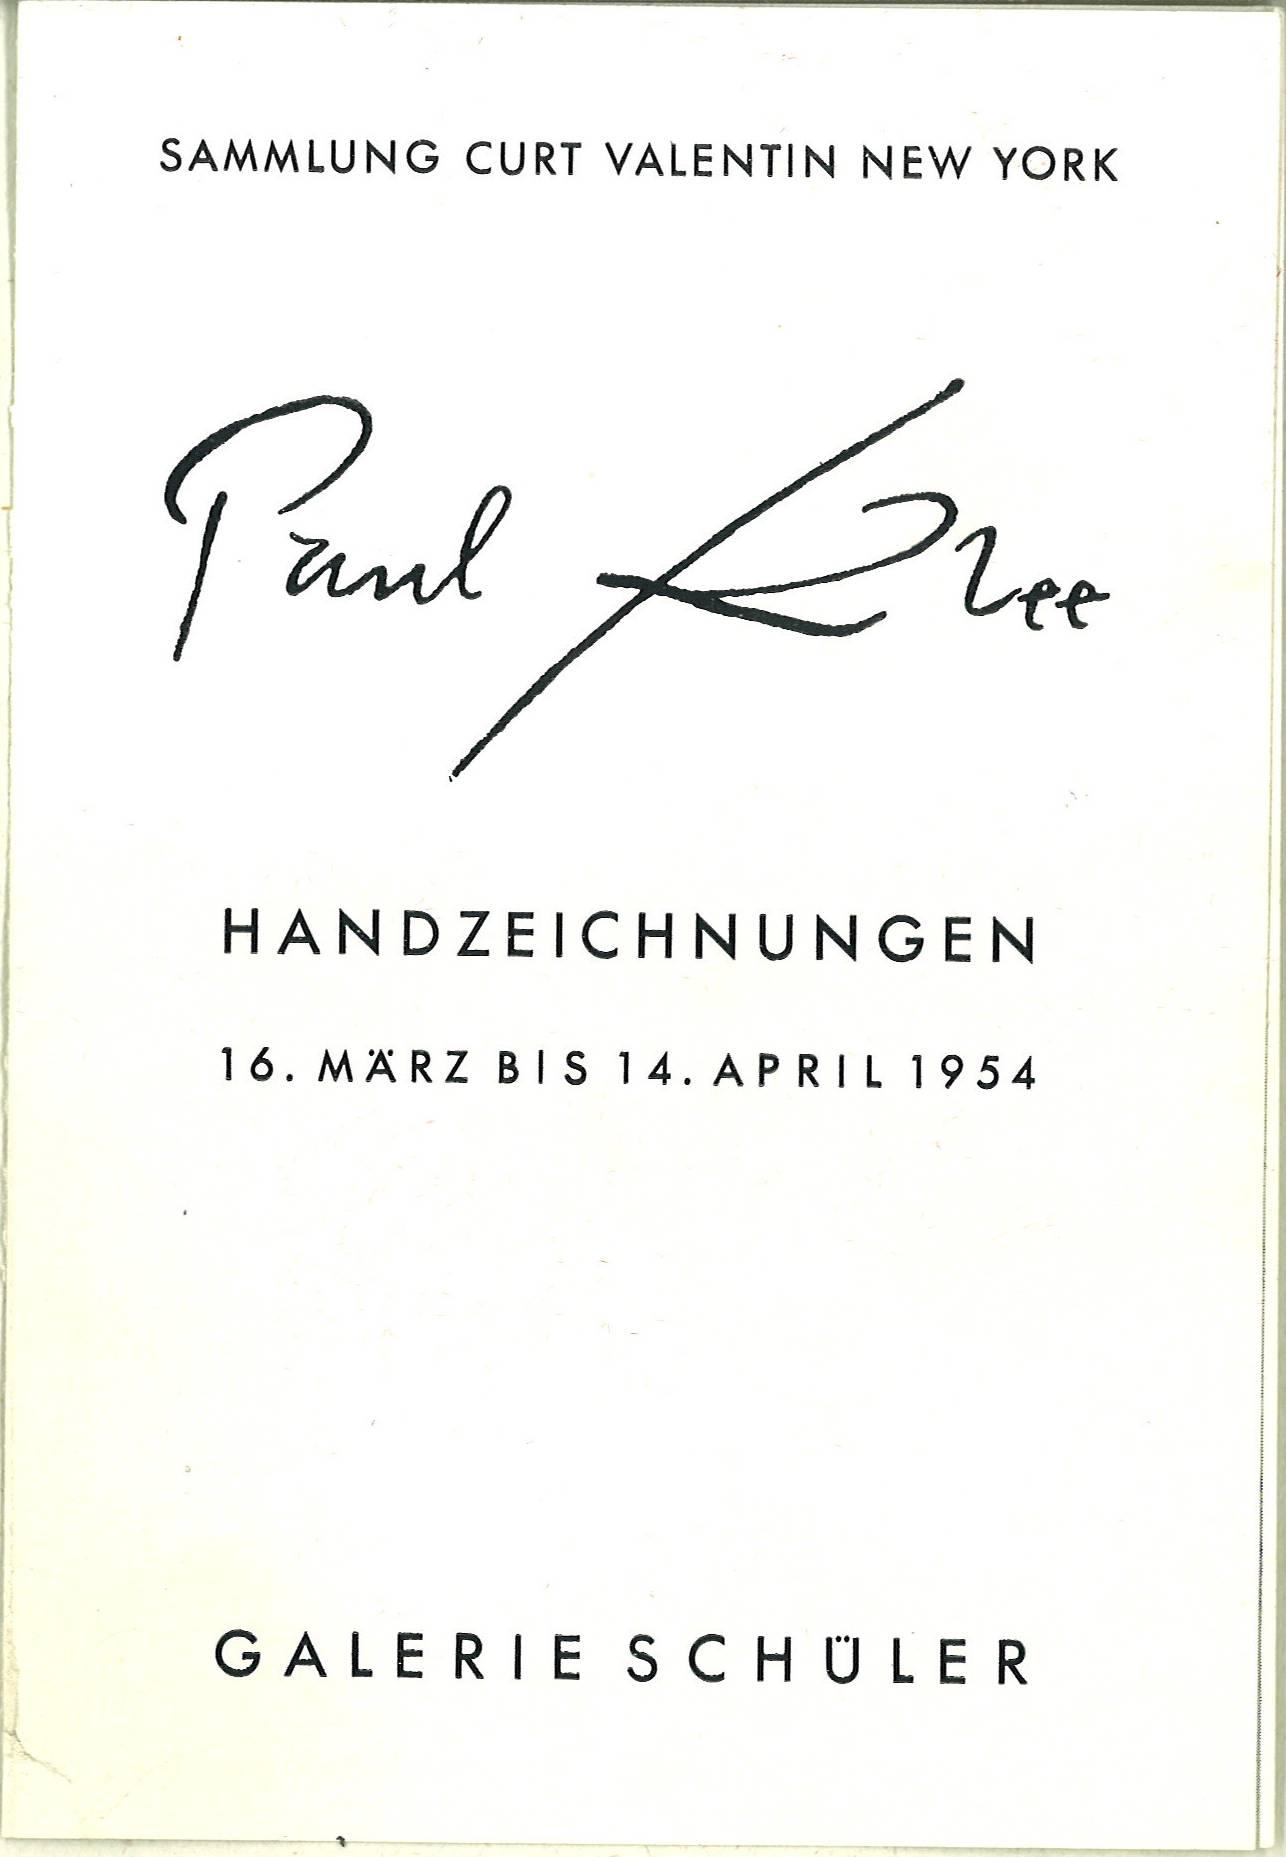 Wertvoll Paul Klee Lebenslauf Grundschule Wiring Library